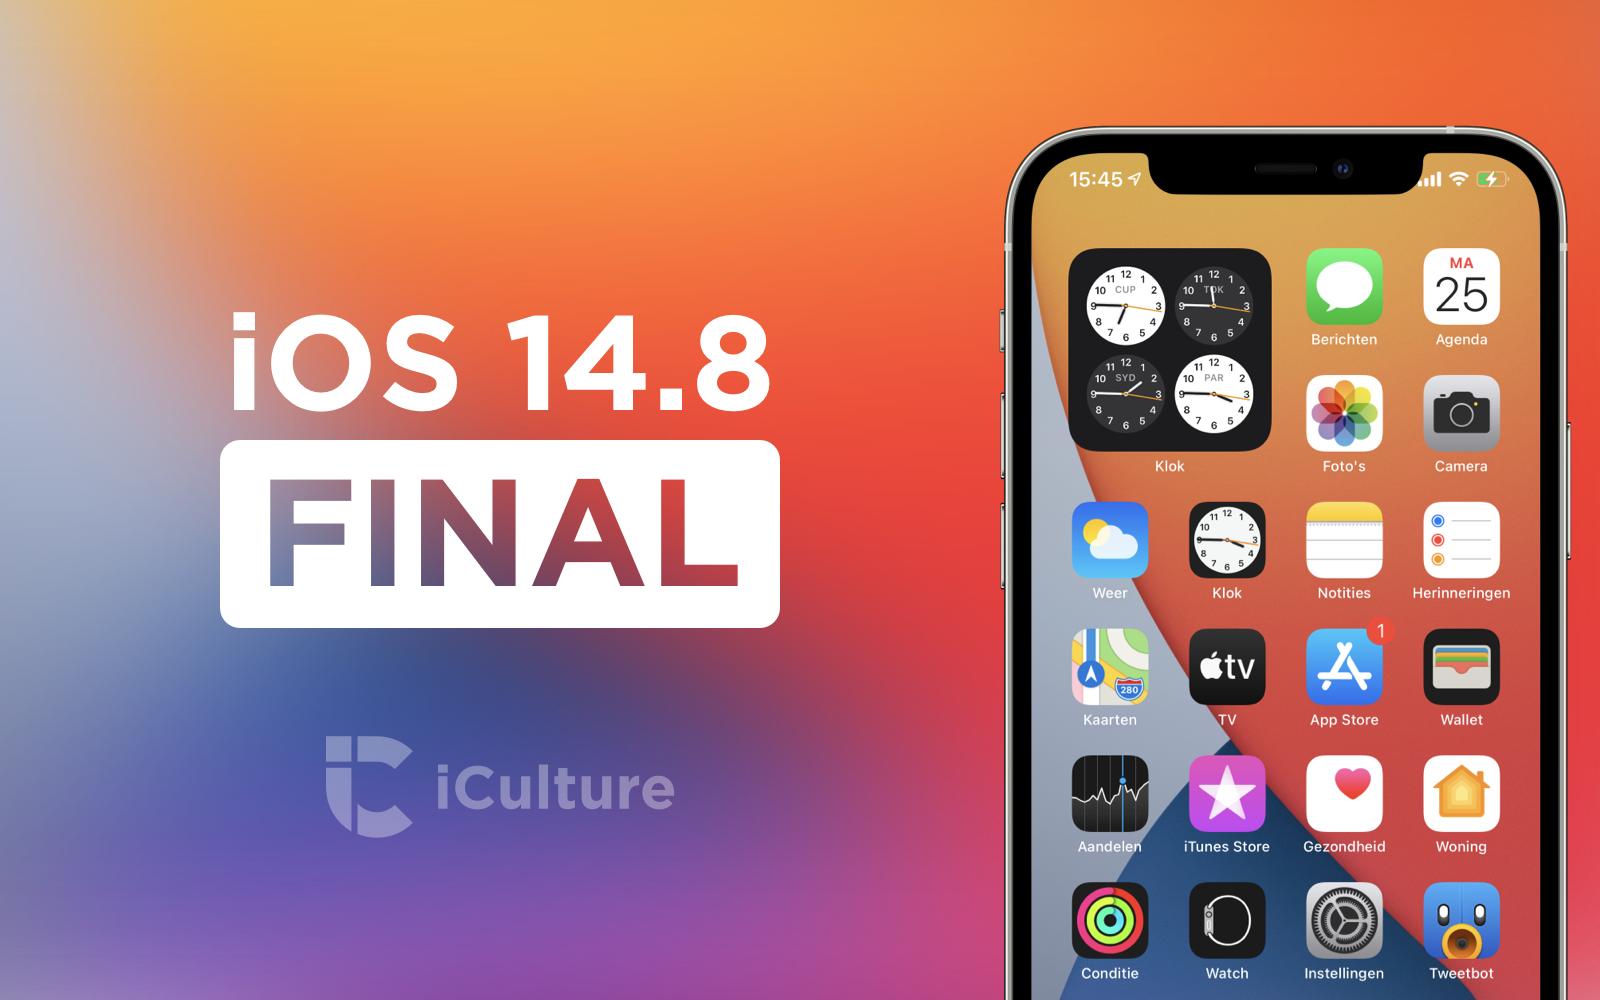 iOS 14.8 Final.